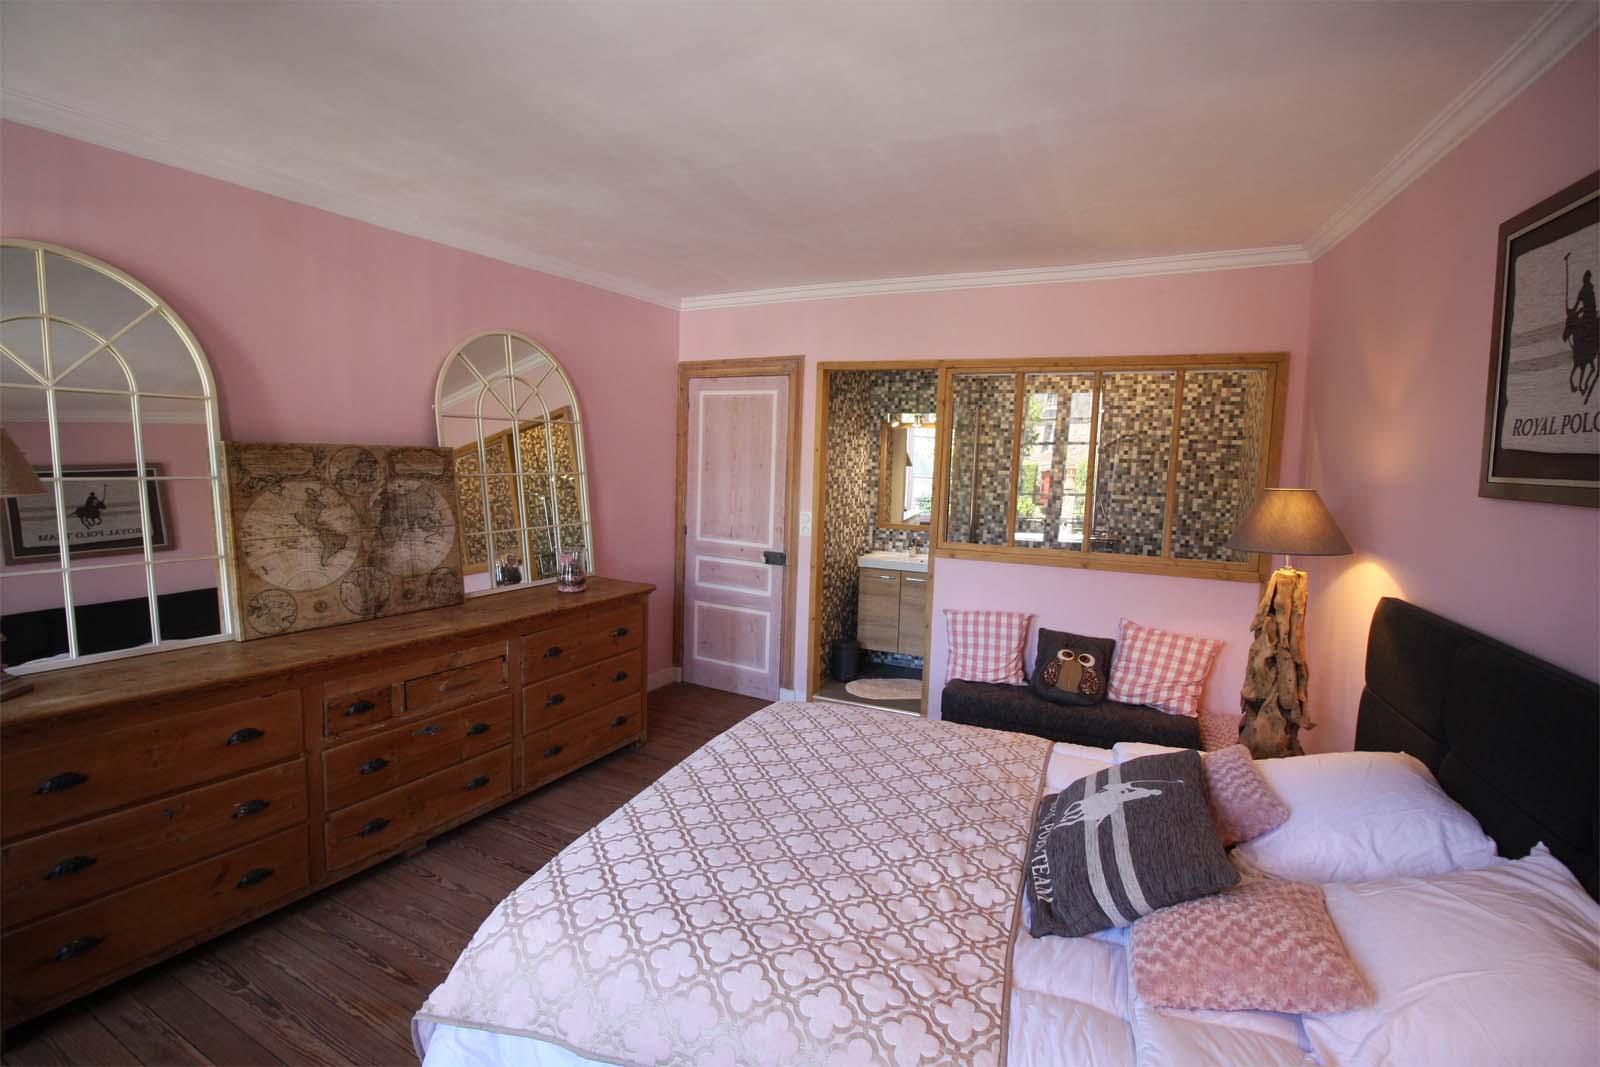 gite la villa dei 40 - 8 CHAMBRES & 6 SDB - Location de Gite La Clef Decamp - Laclefdecamp.fr